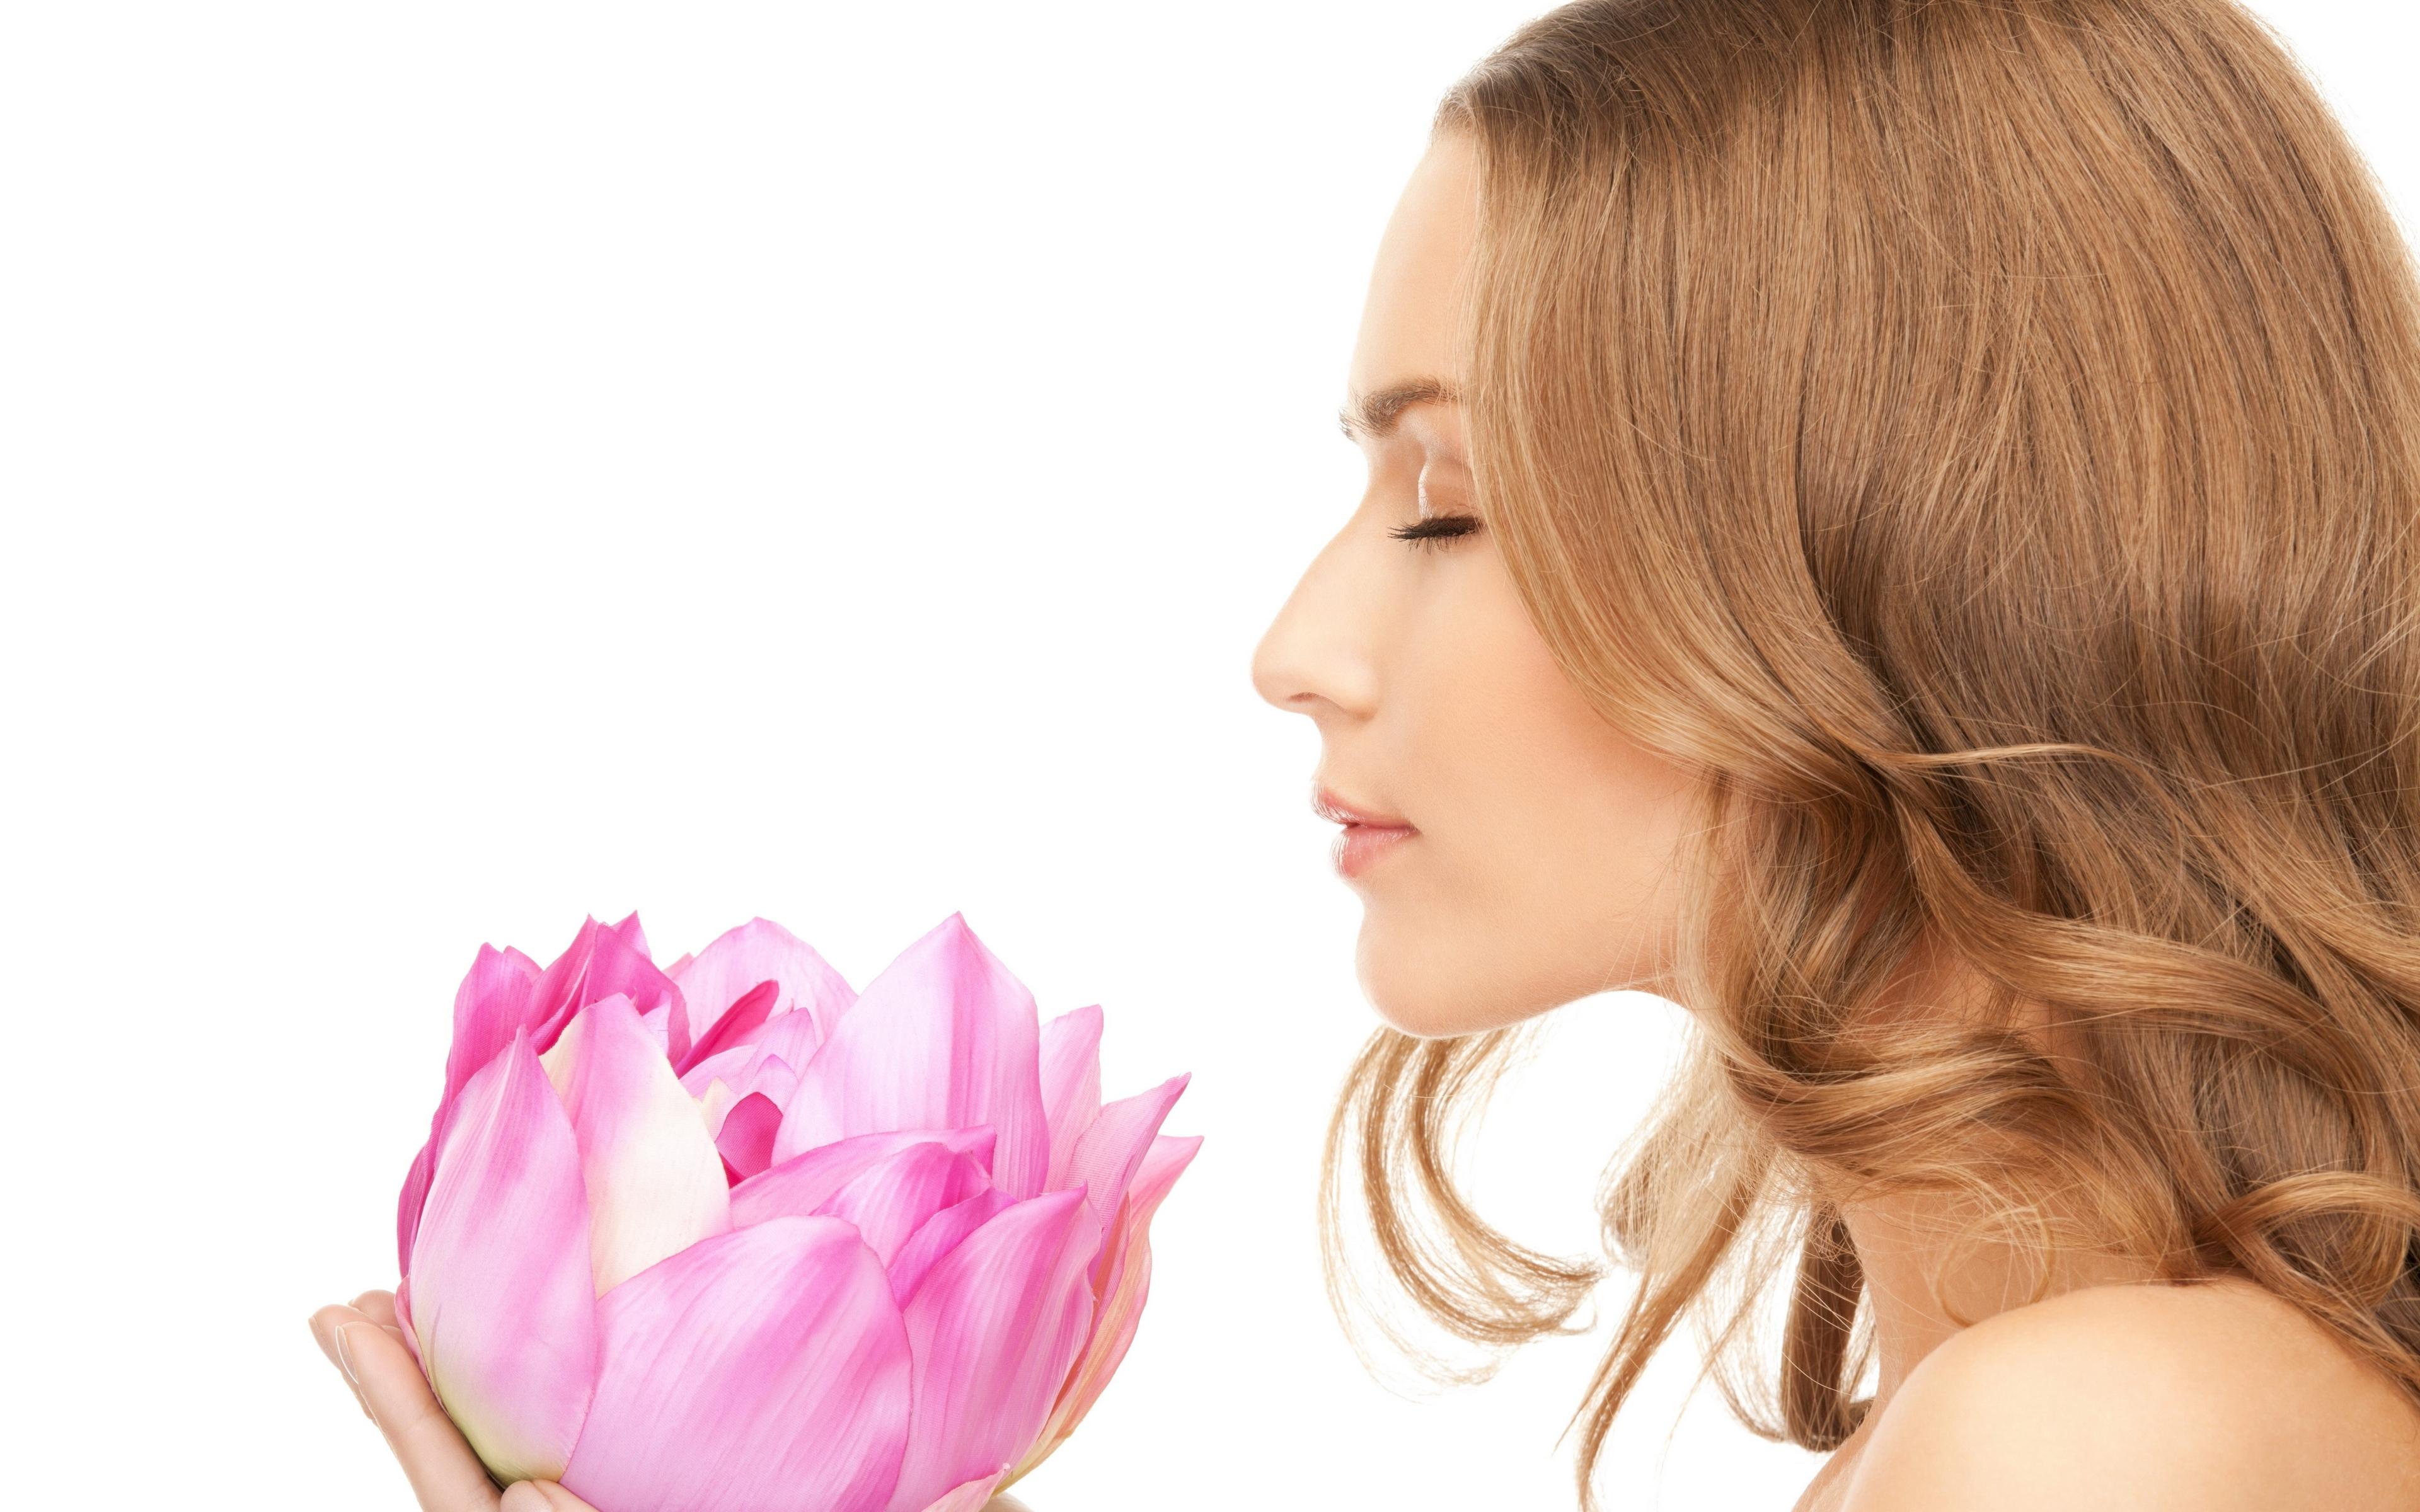 часть картинки запахи цветов необходимо абитуриентам-иностранцам для